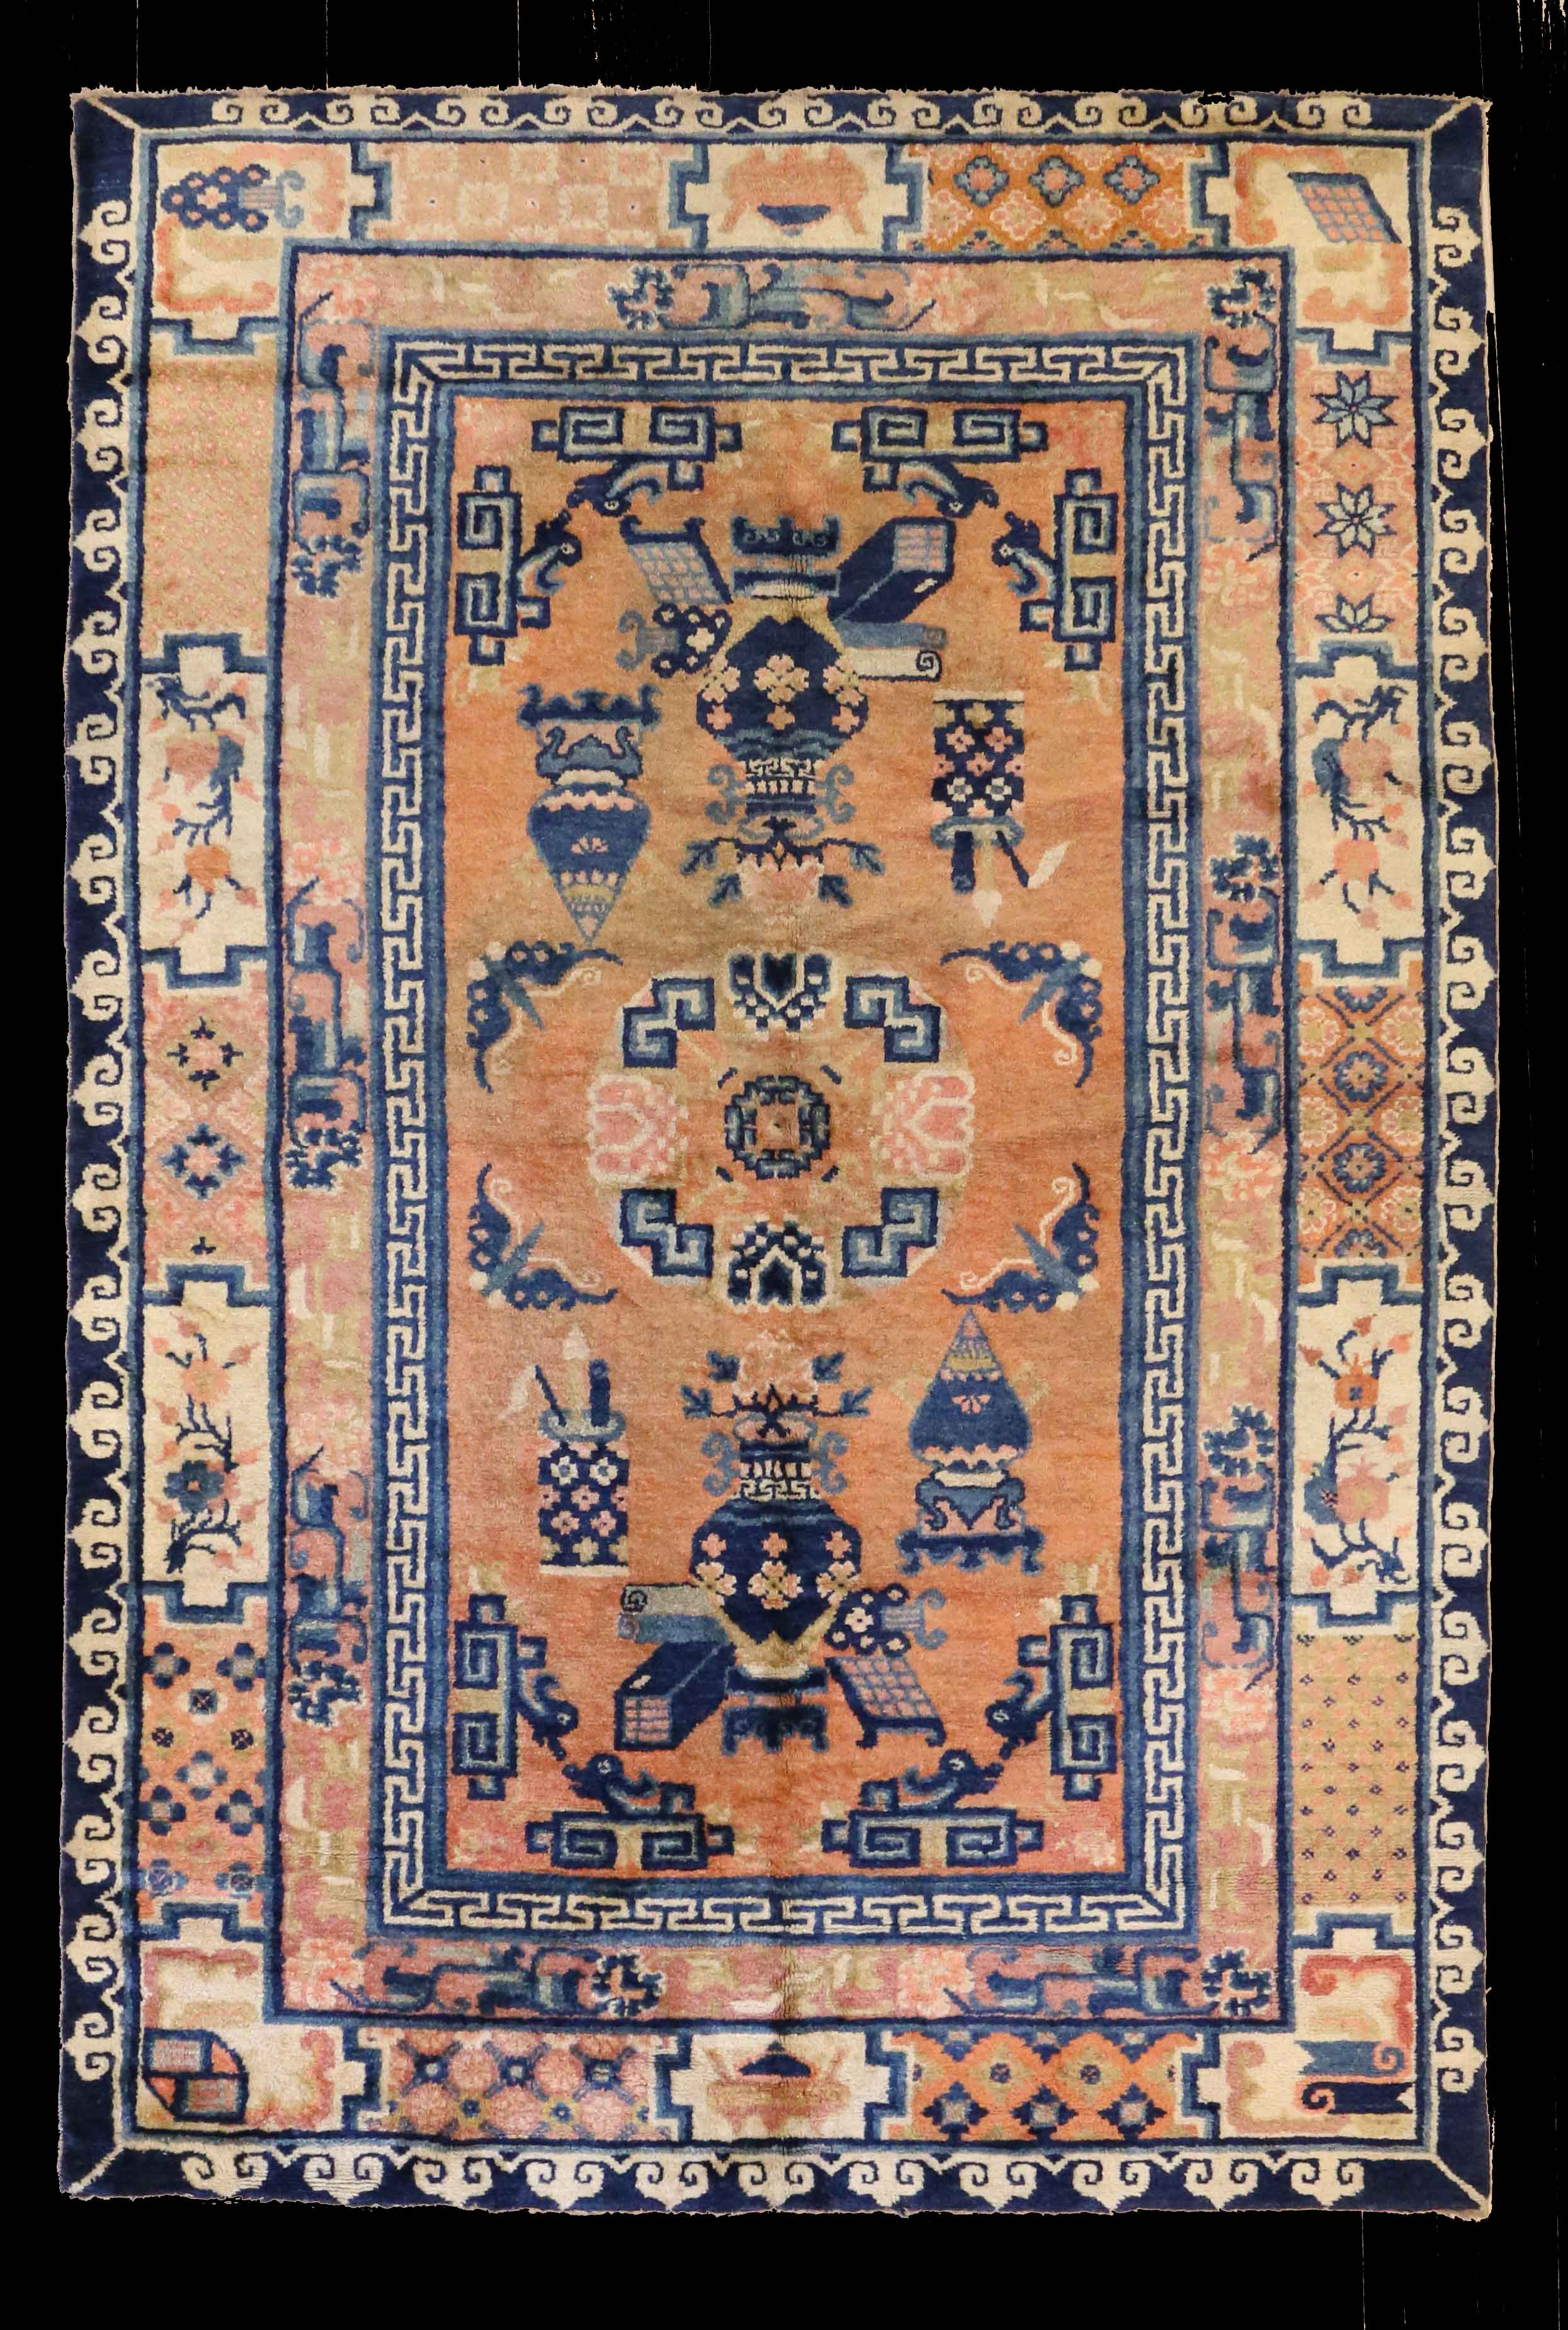 15615 Chinese Ningxia Rug 206cm x 140cm